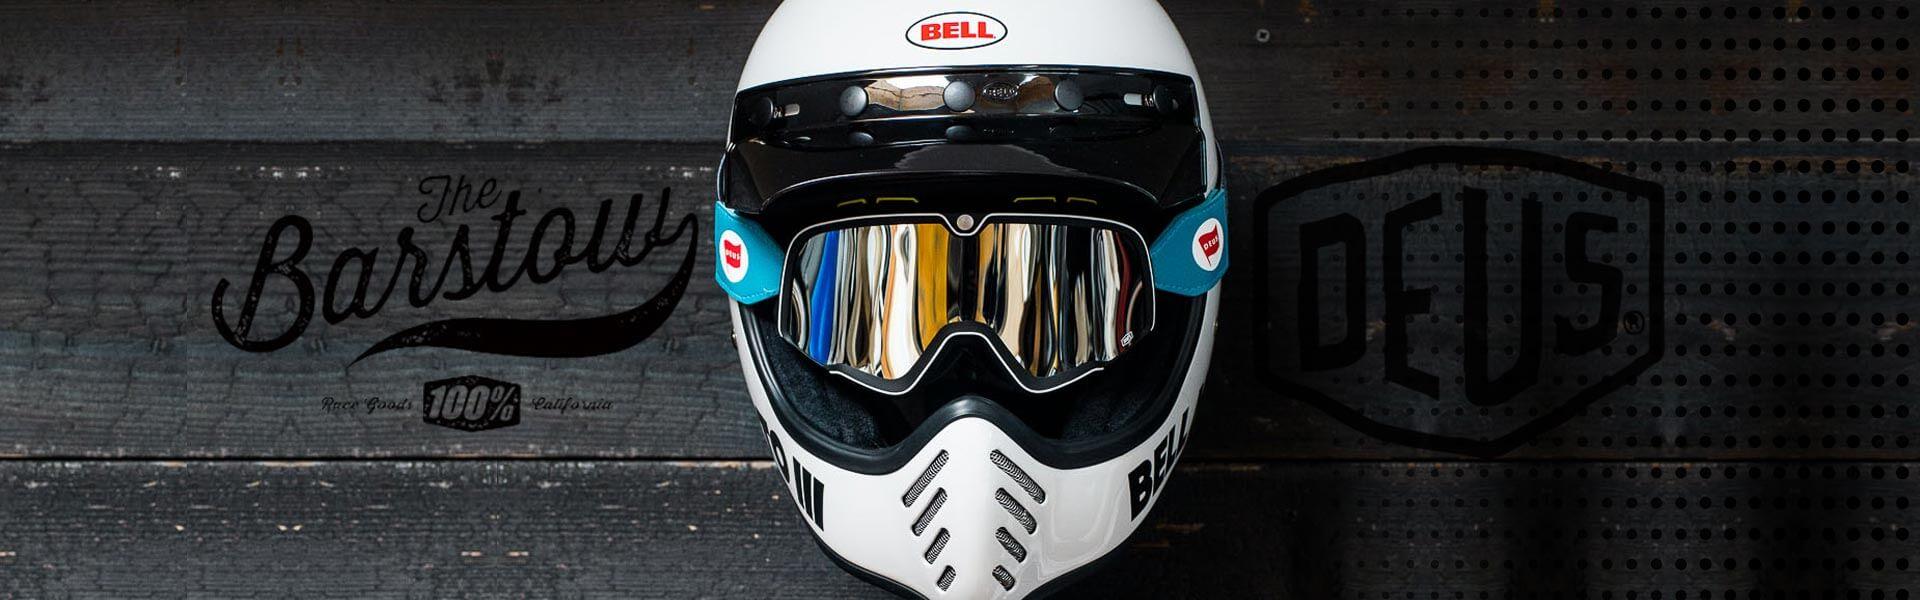 Occhiali Moto Barstow 100%